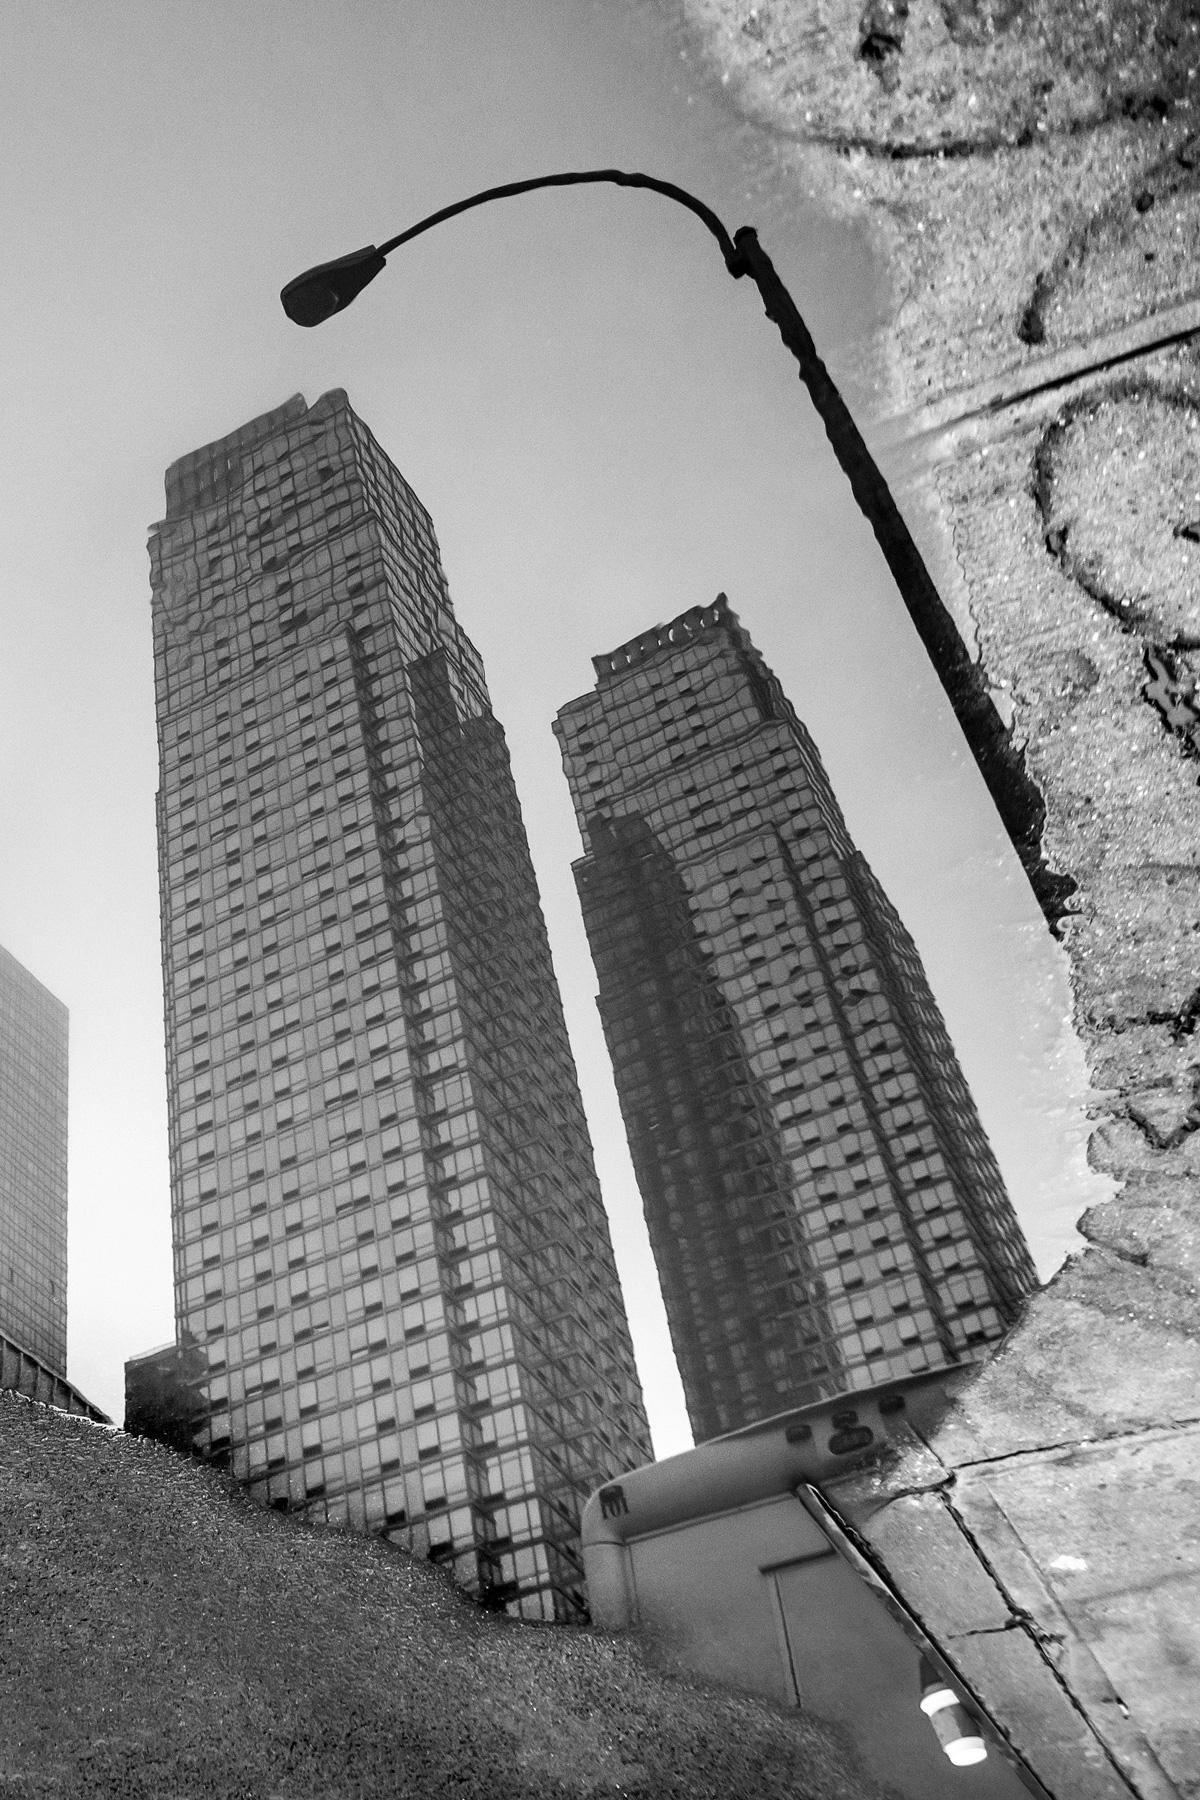 streetfotografie-pfuetze-1